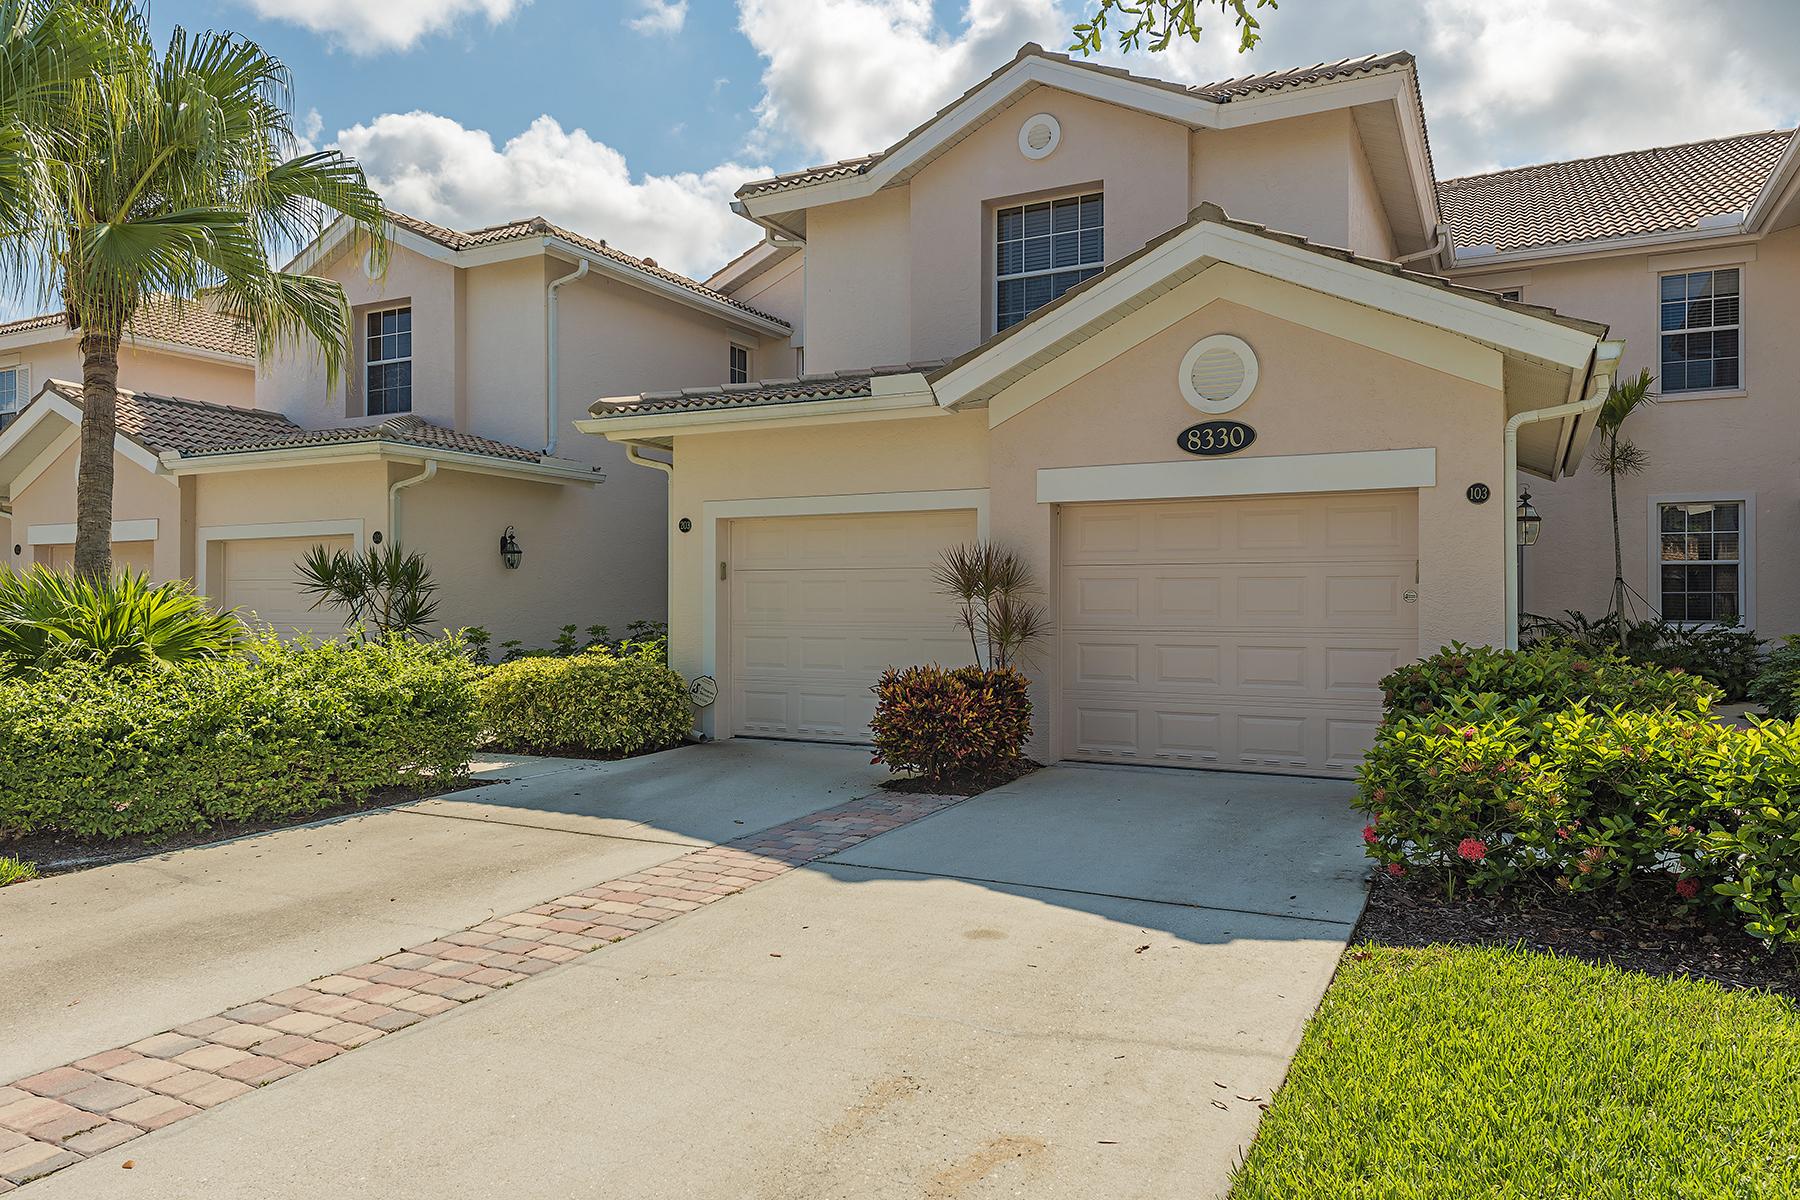 Appartement en copropriété pour l Vente à FIDDLER'S CREEK - WHISPER TRACE 8330 Whisper Trace Way 103 Naples, Florida, 34114 États-Unis